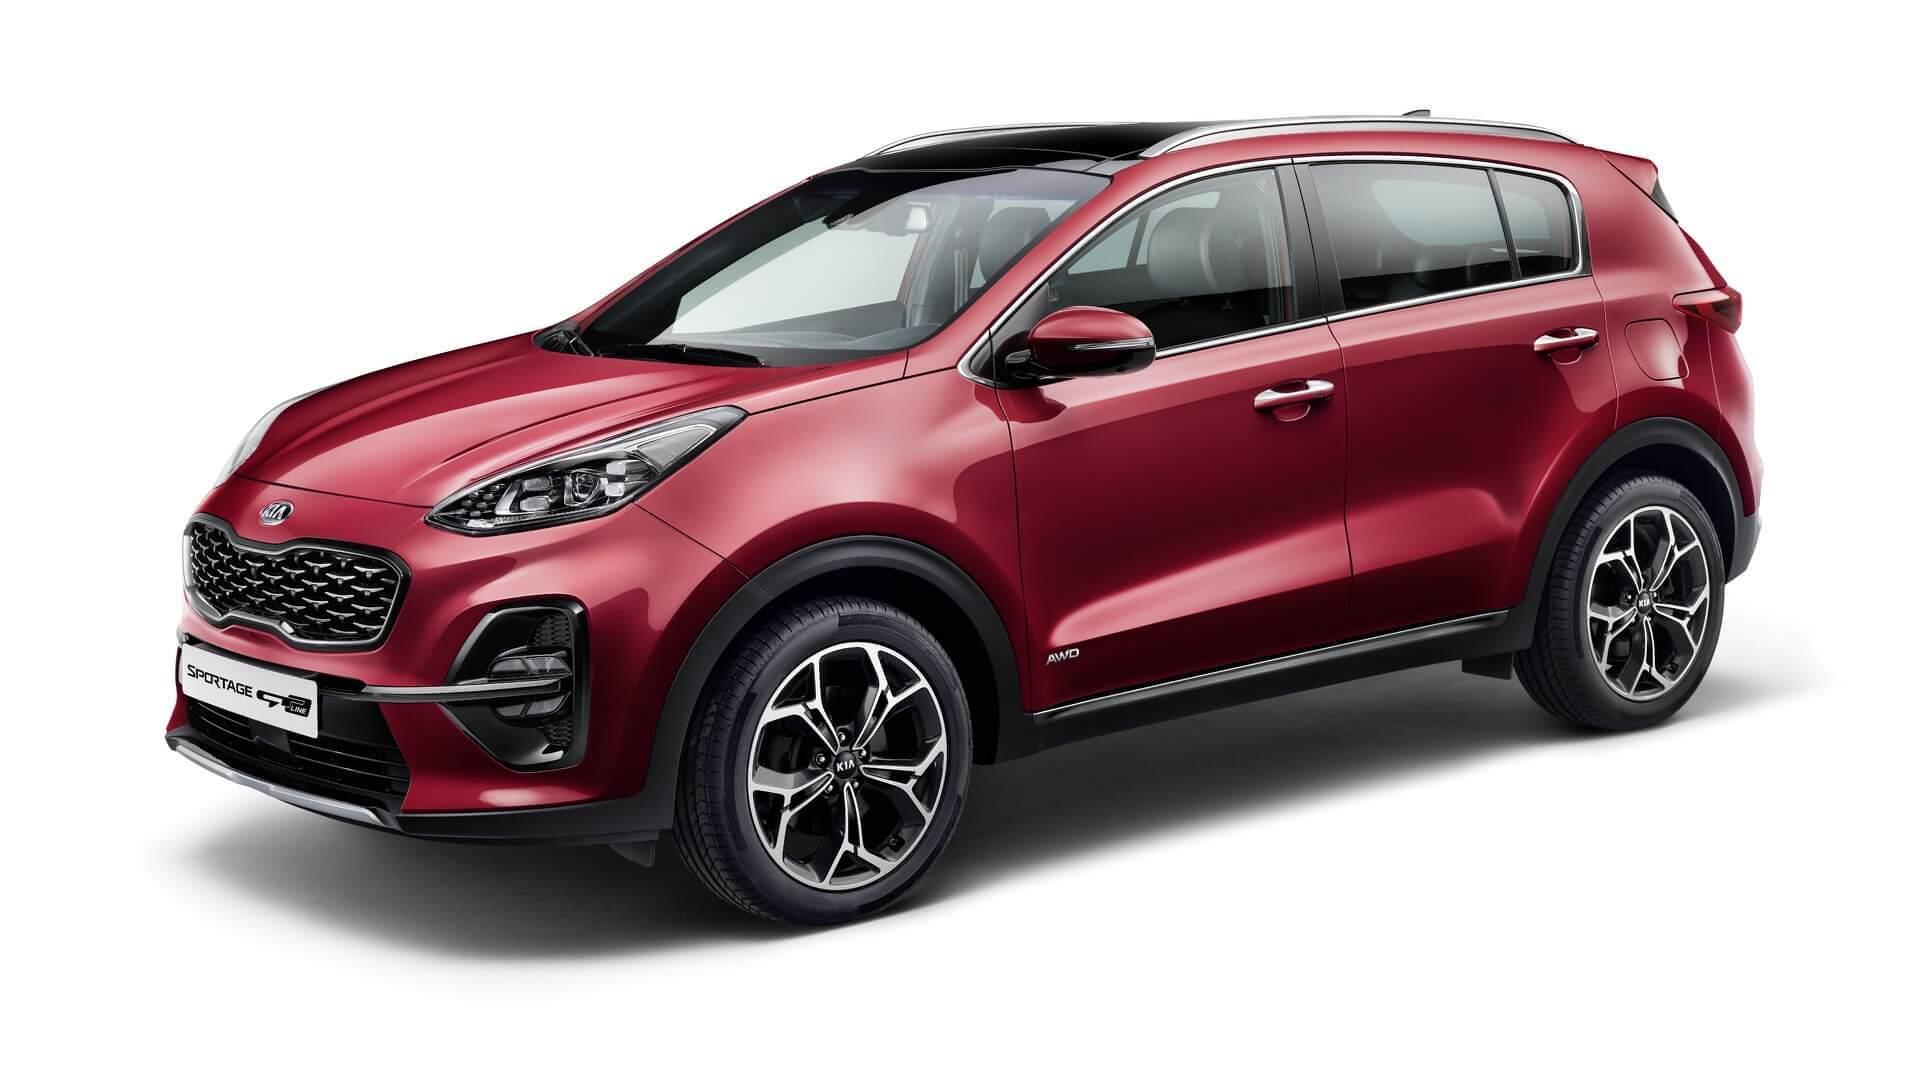 Kia Sportage renovado recebe versão diesel semi-híbrida Ecodynamics+